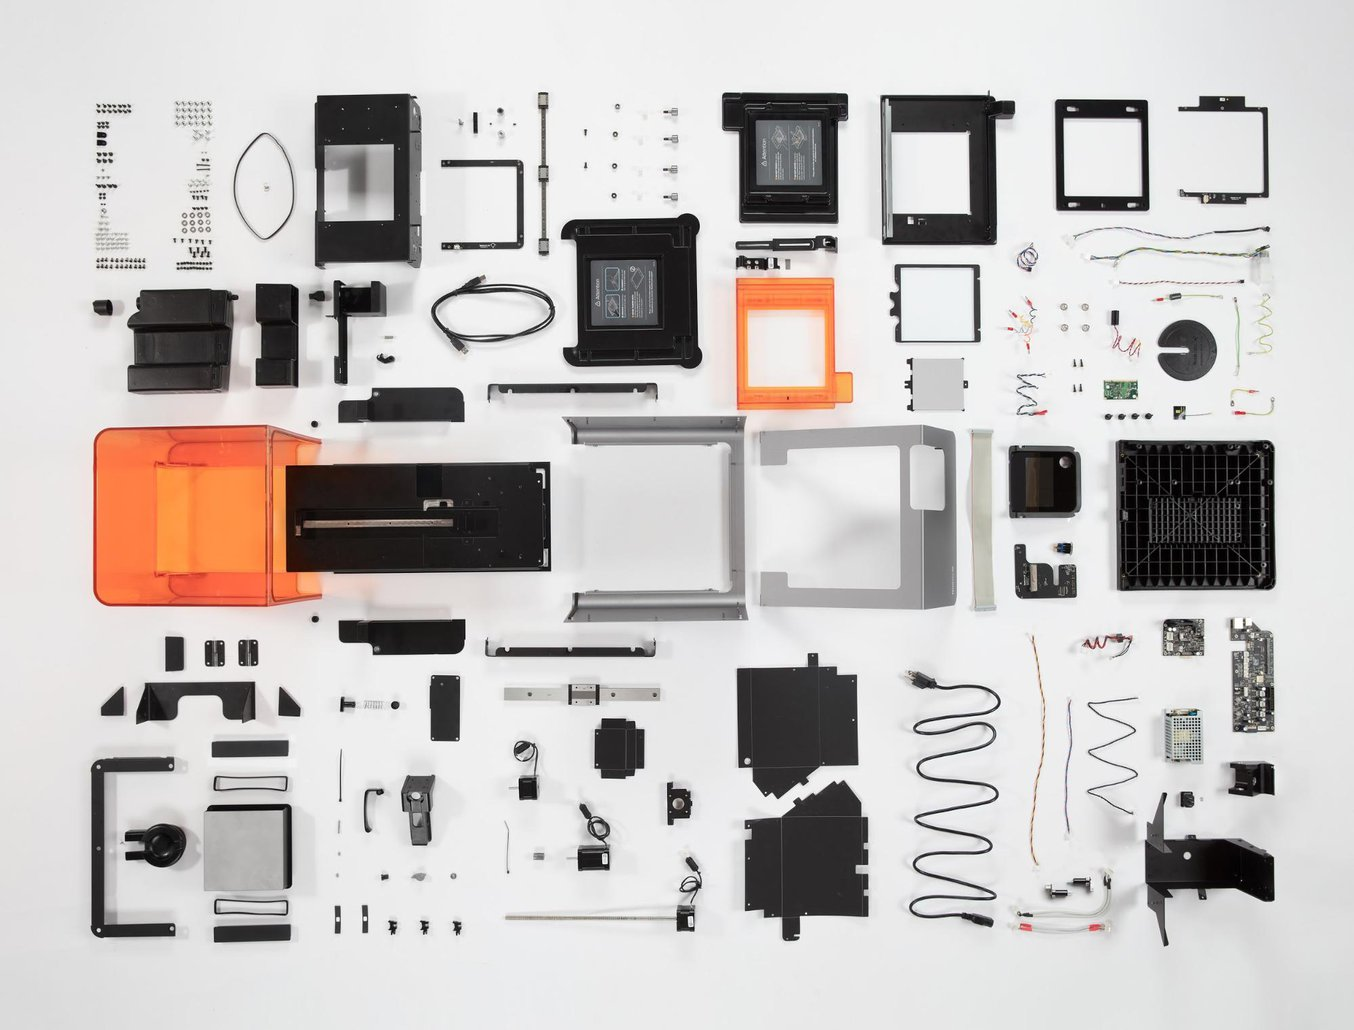 Pièces et composants del'imprimante 3D stéréolithographique de bureau Formlabs. Lisez les commentaires de Bunnie Huang surle démontage complet d'une imprimante.